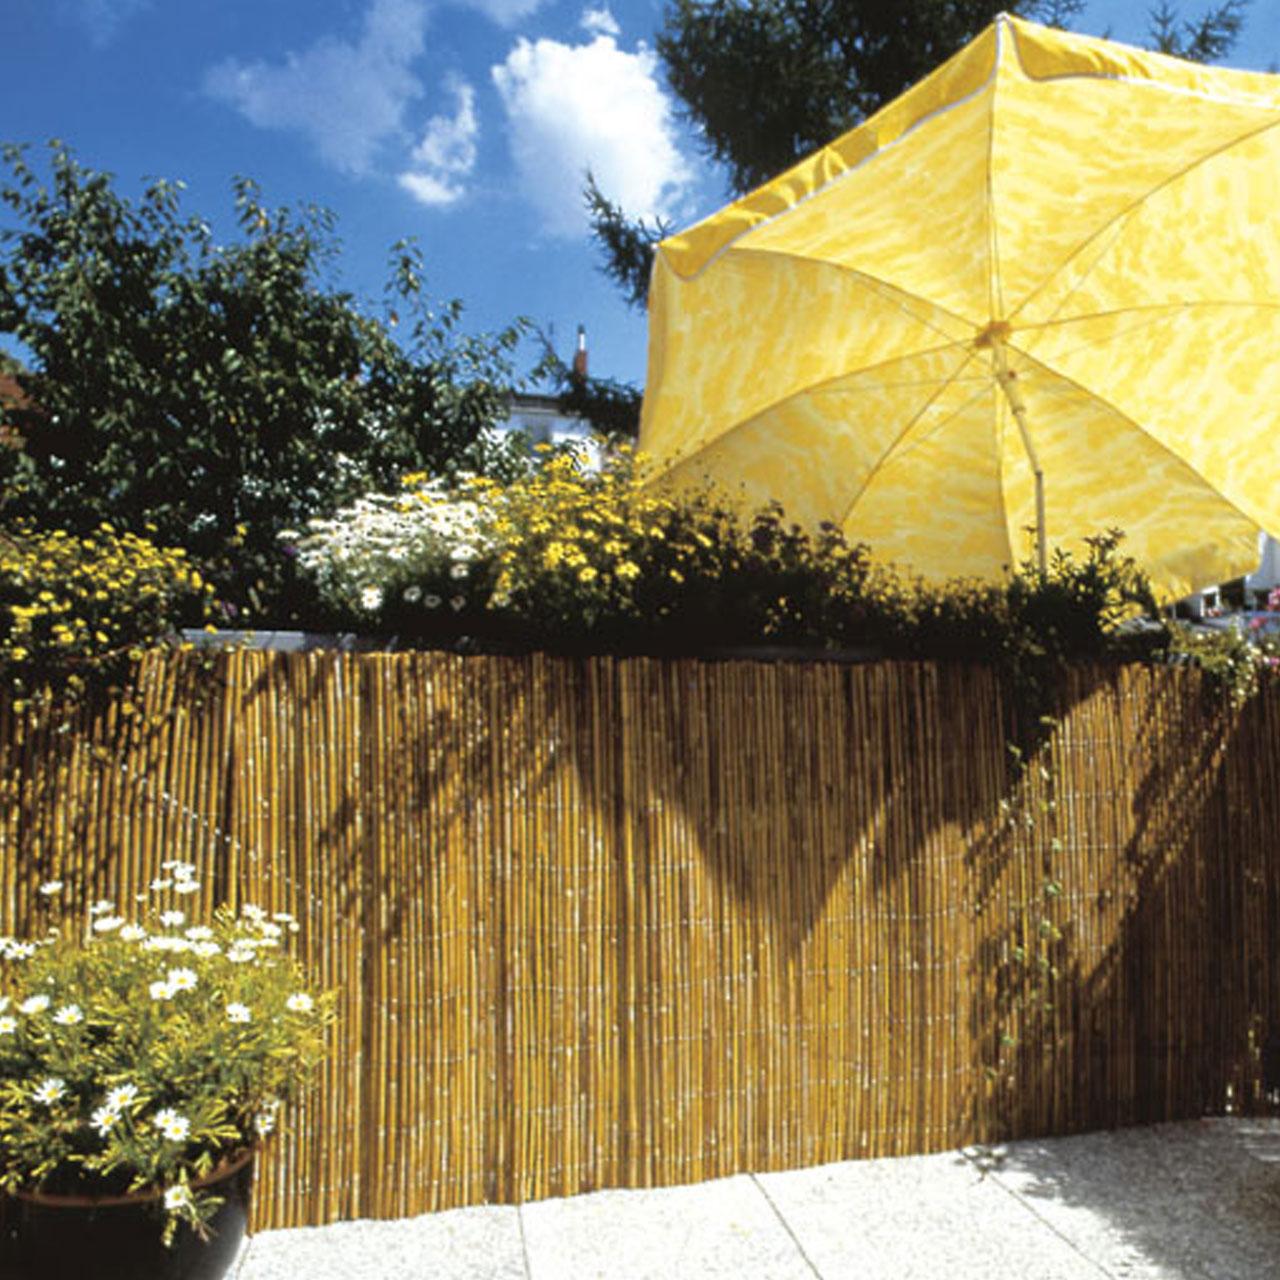 bambusmatte sichtschutzmatte tonkin natur sichtschutz. Black Bedroom Furniture Sets. Home Design Ideas